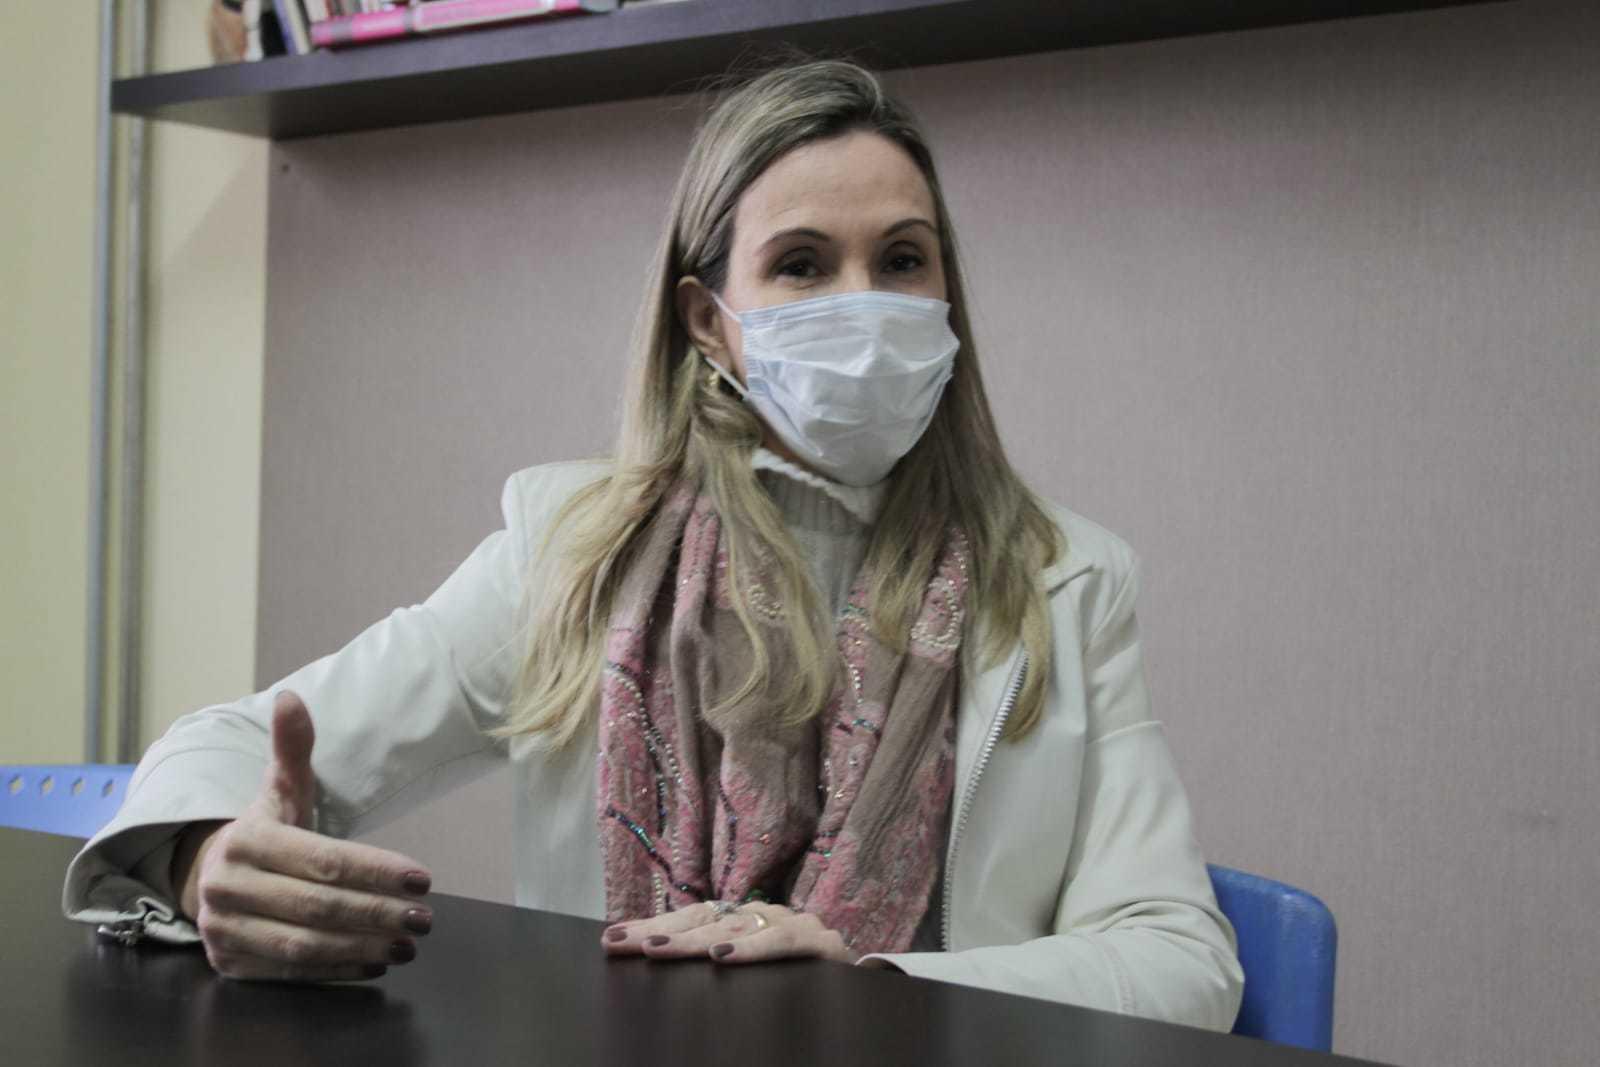 Advogada Rachel Magrini, pré-candidata à presidência da OAB-MS (Ordem dos Advogados do Brasil) (Foto: Marcos Maluf)